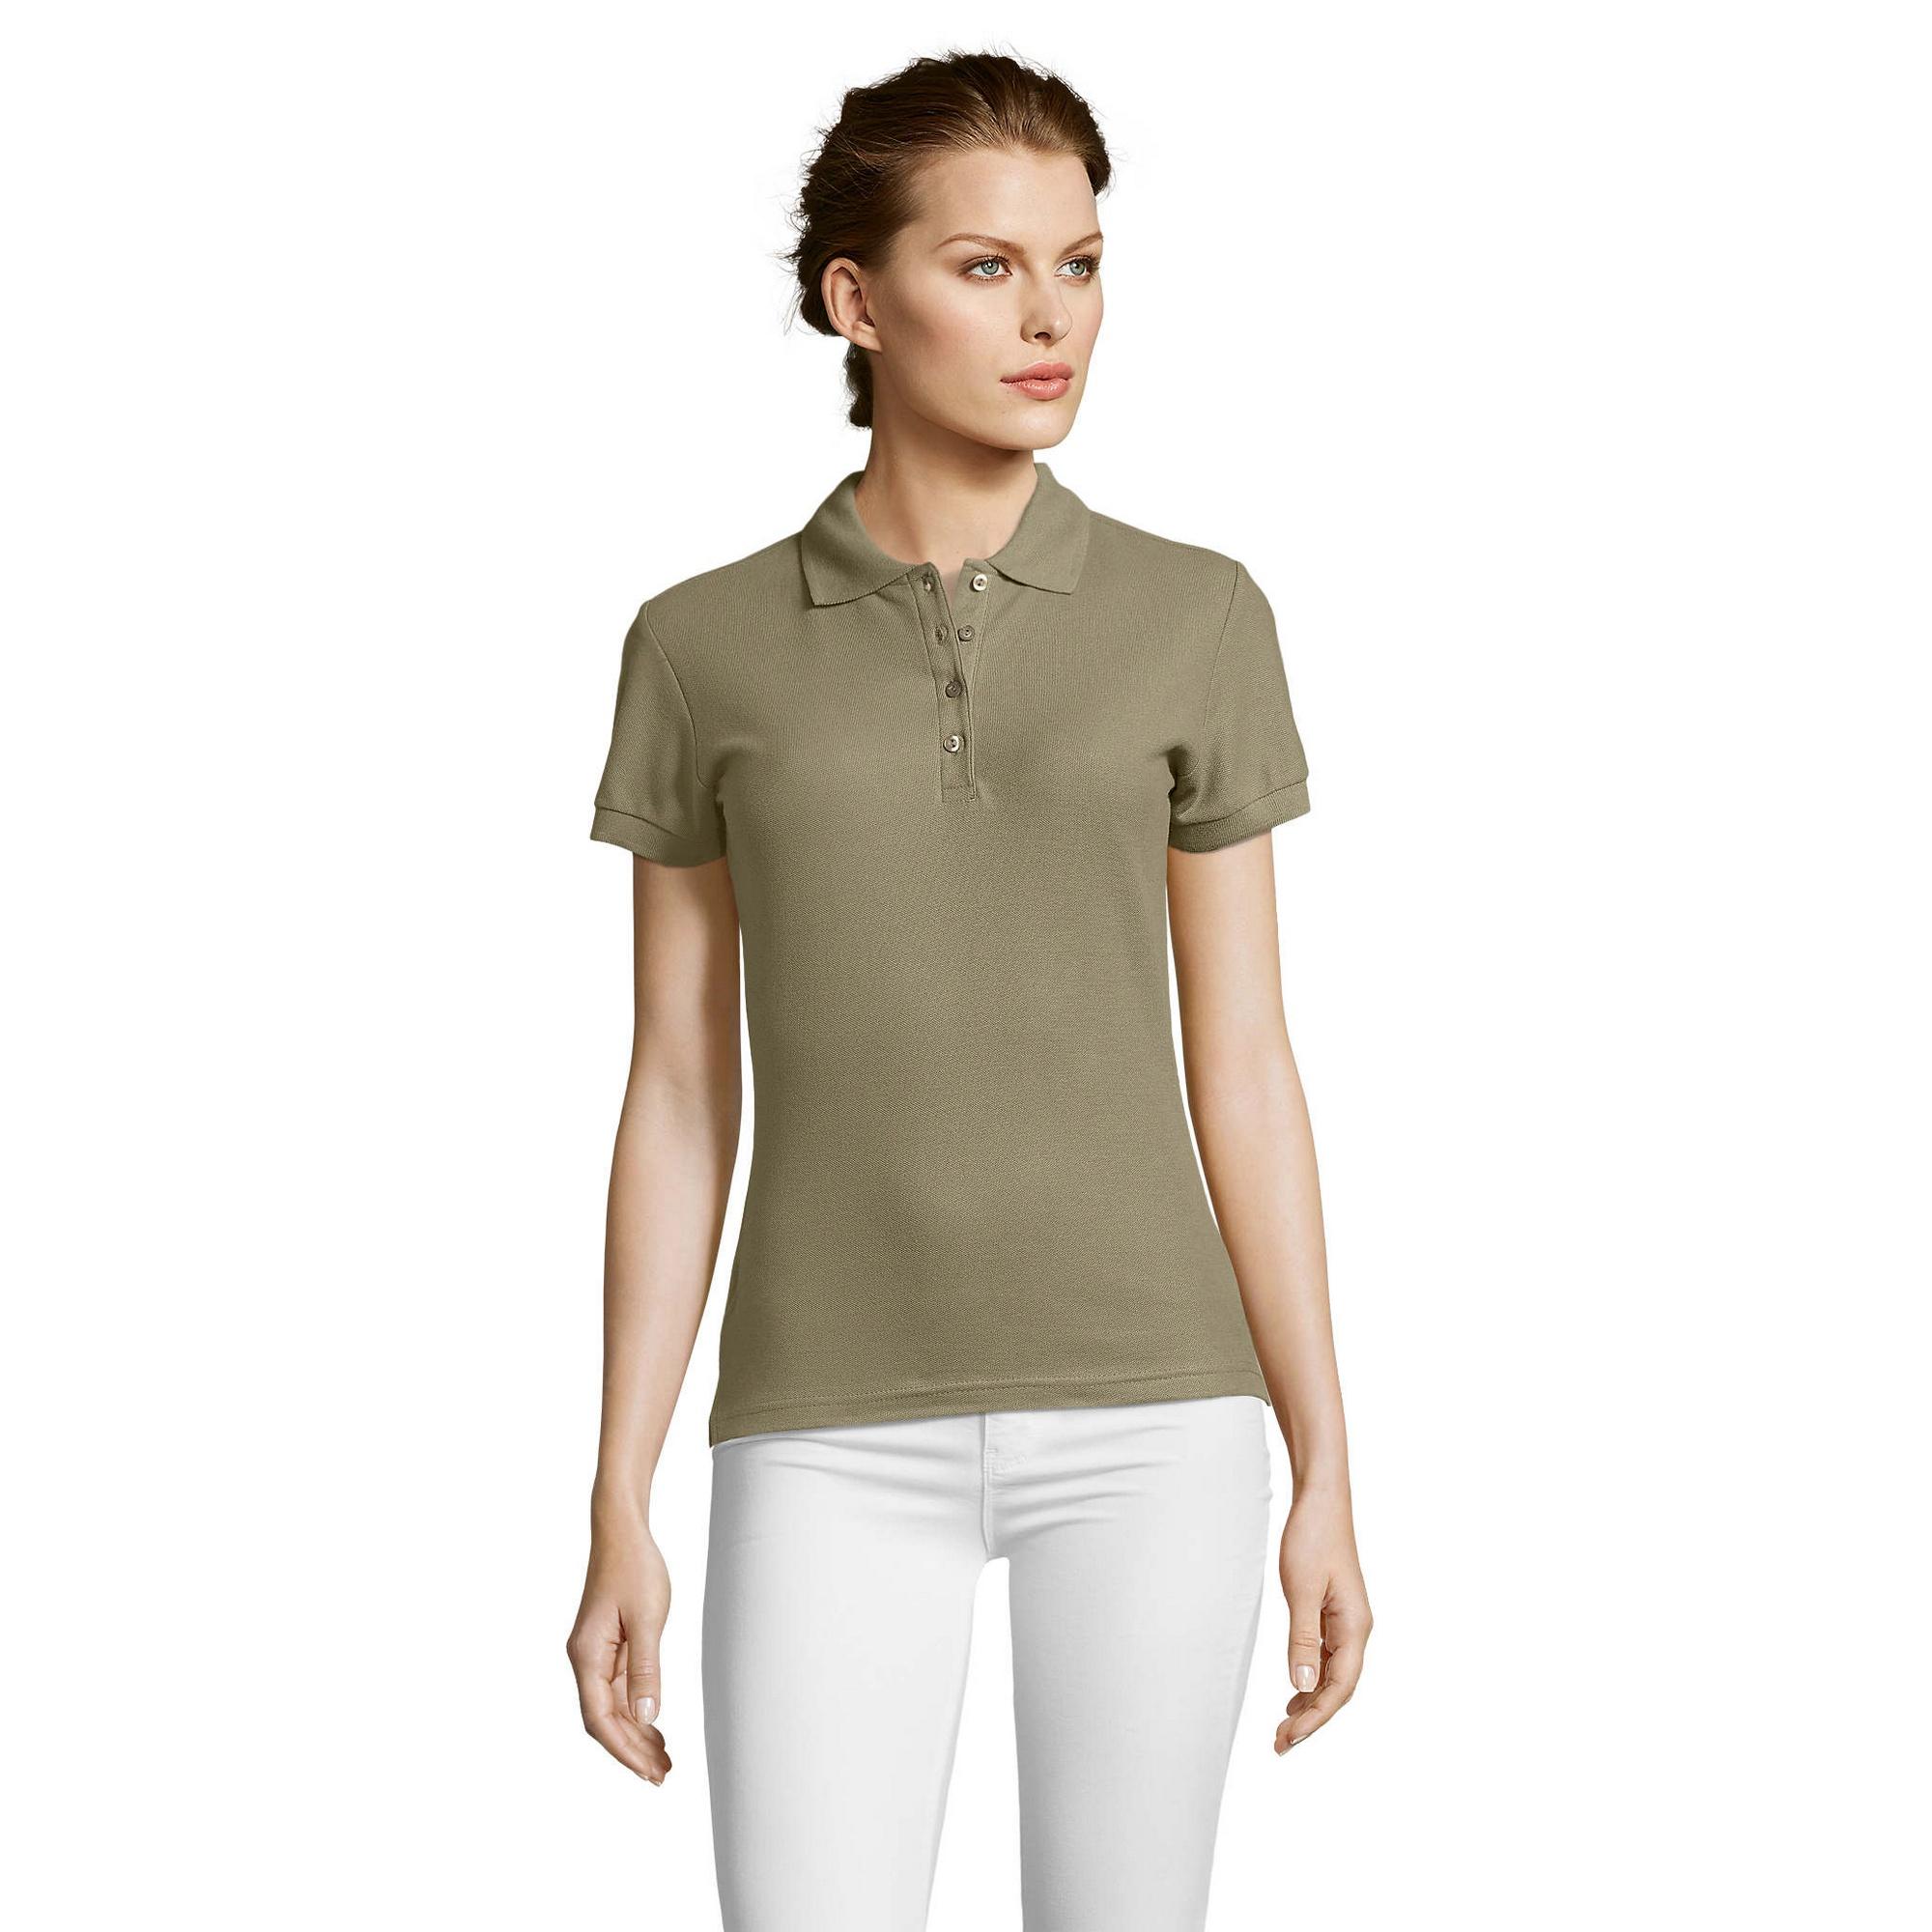 miniature 62 - SOLS-People-Polo-100-coton-a-manches-courtes-Femme-S-2XL-17-PC319